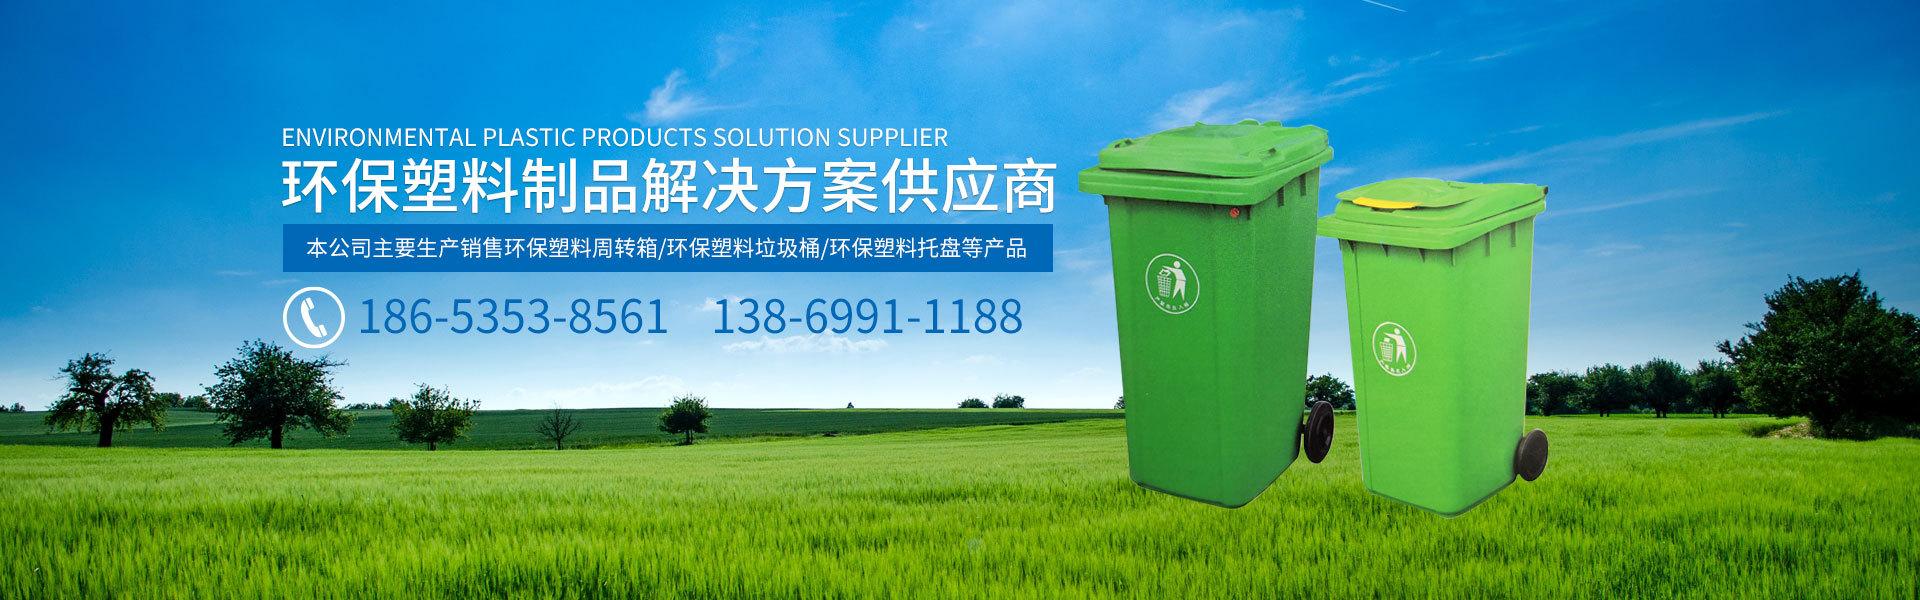 塑料周转箱,塑料周转筐,周转筐厂家,周转箱厂